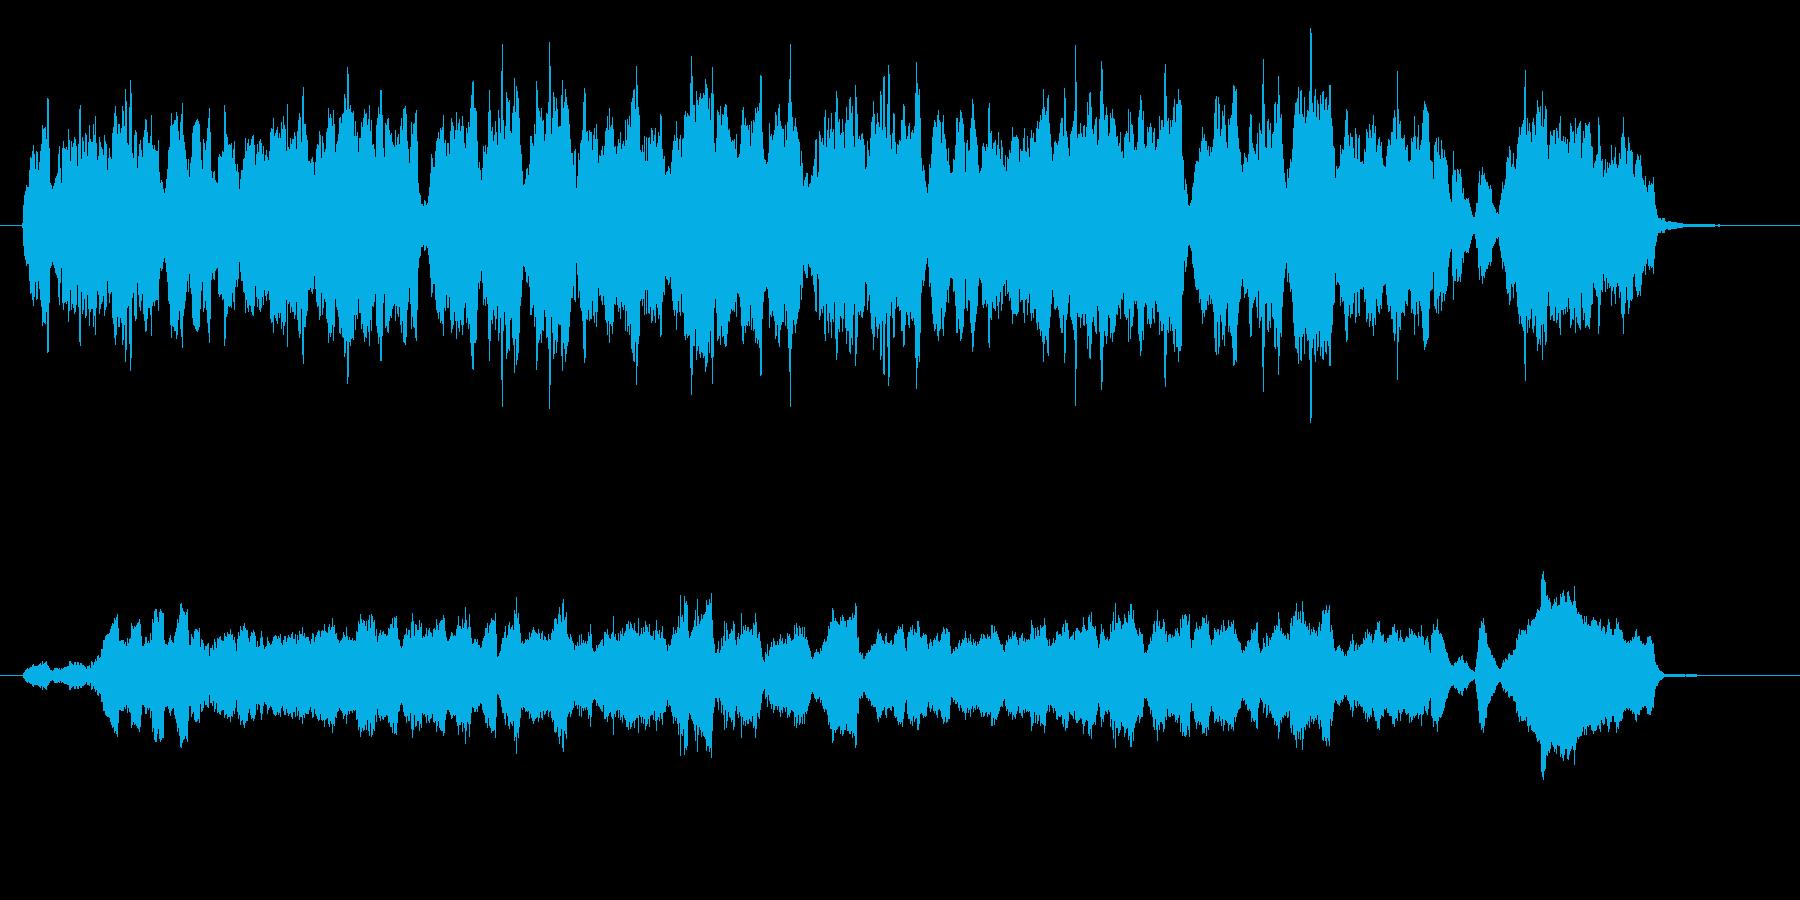 弦楽四重奏のキャッチーなジングルの再生済みの波形